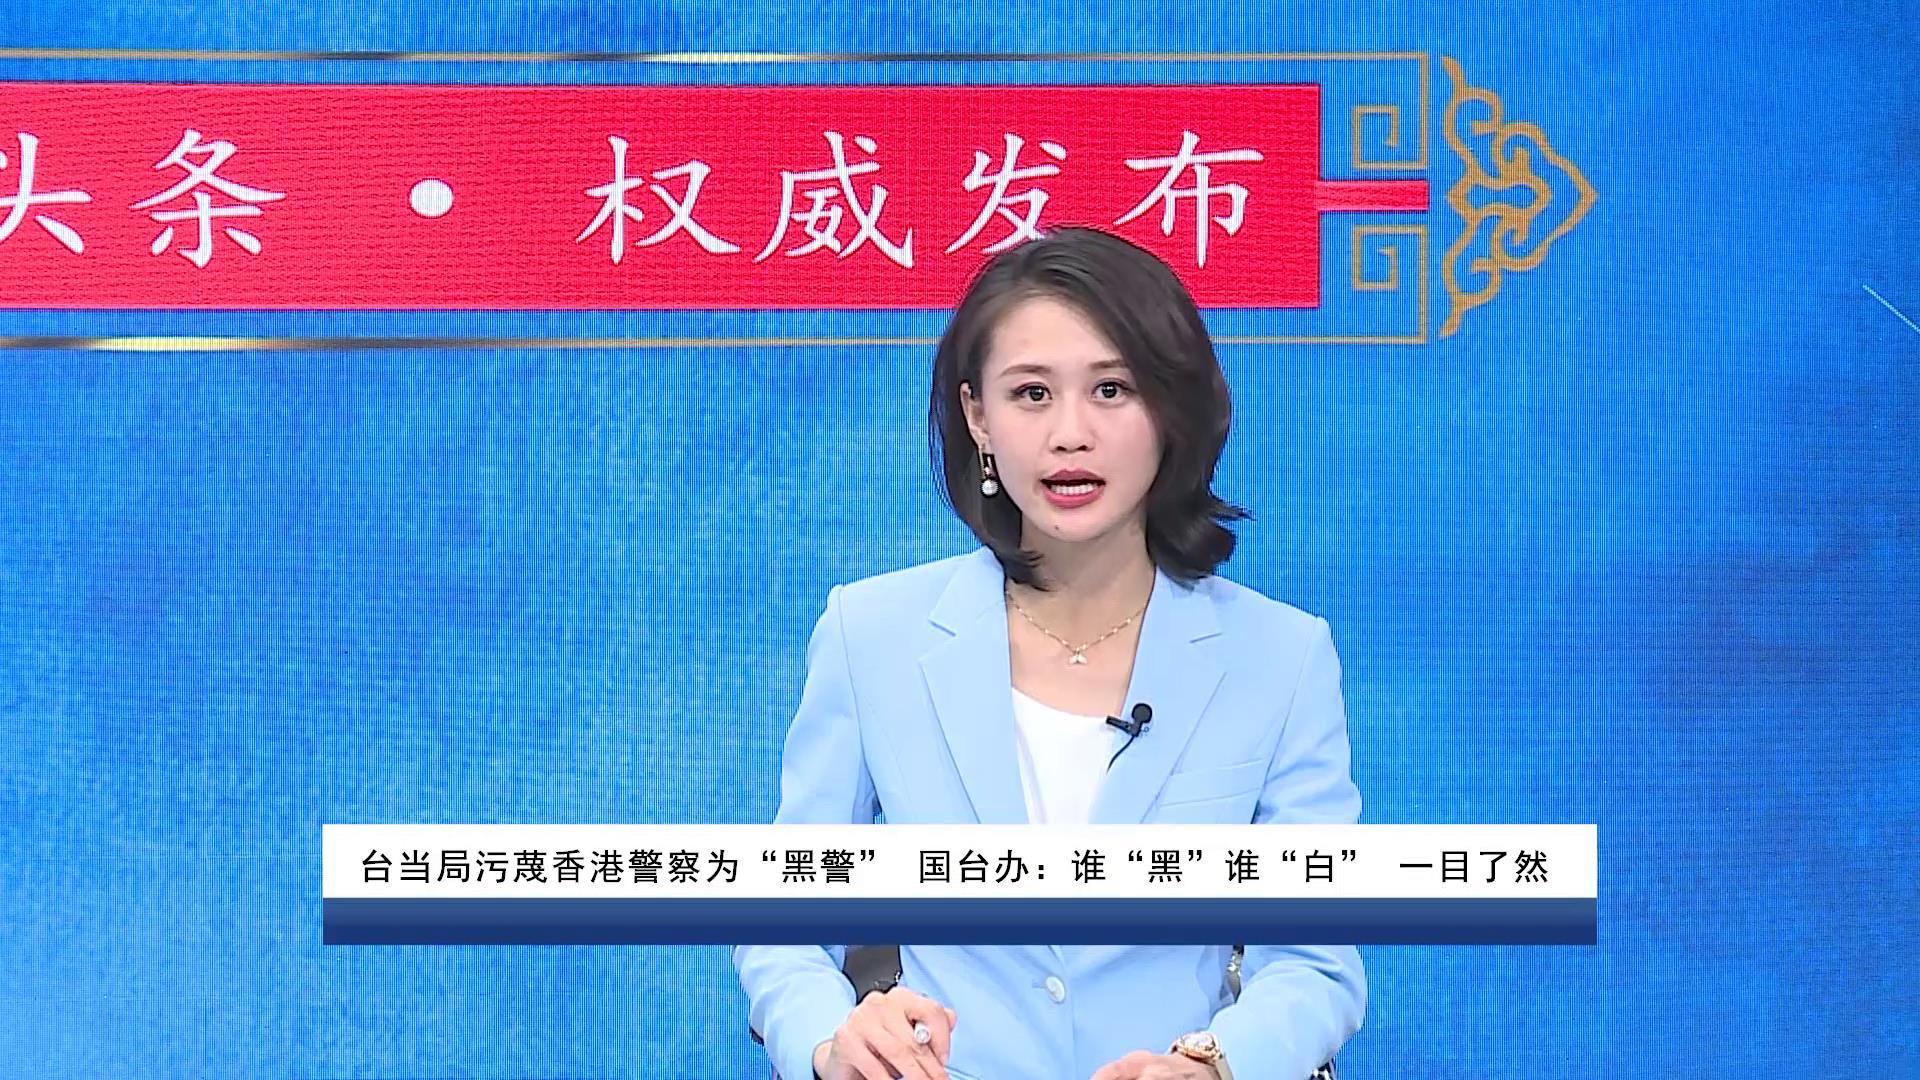 """台当局污蔑香港警察为""""黑警"""" 国台办:谁""""黑""""谁""""白"""" 一目了然图片"""